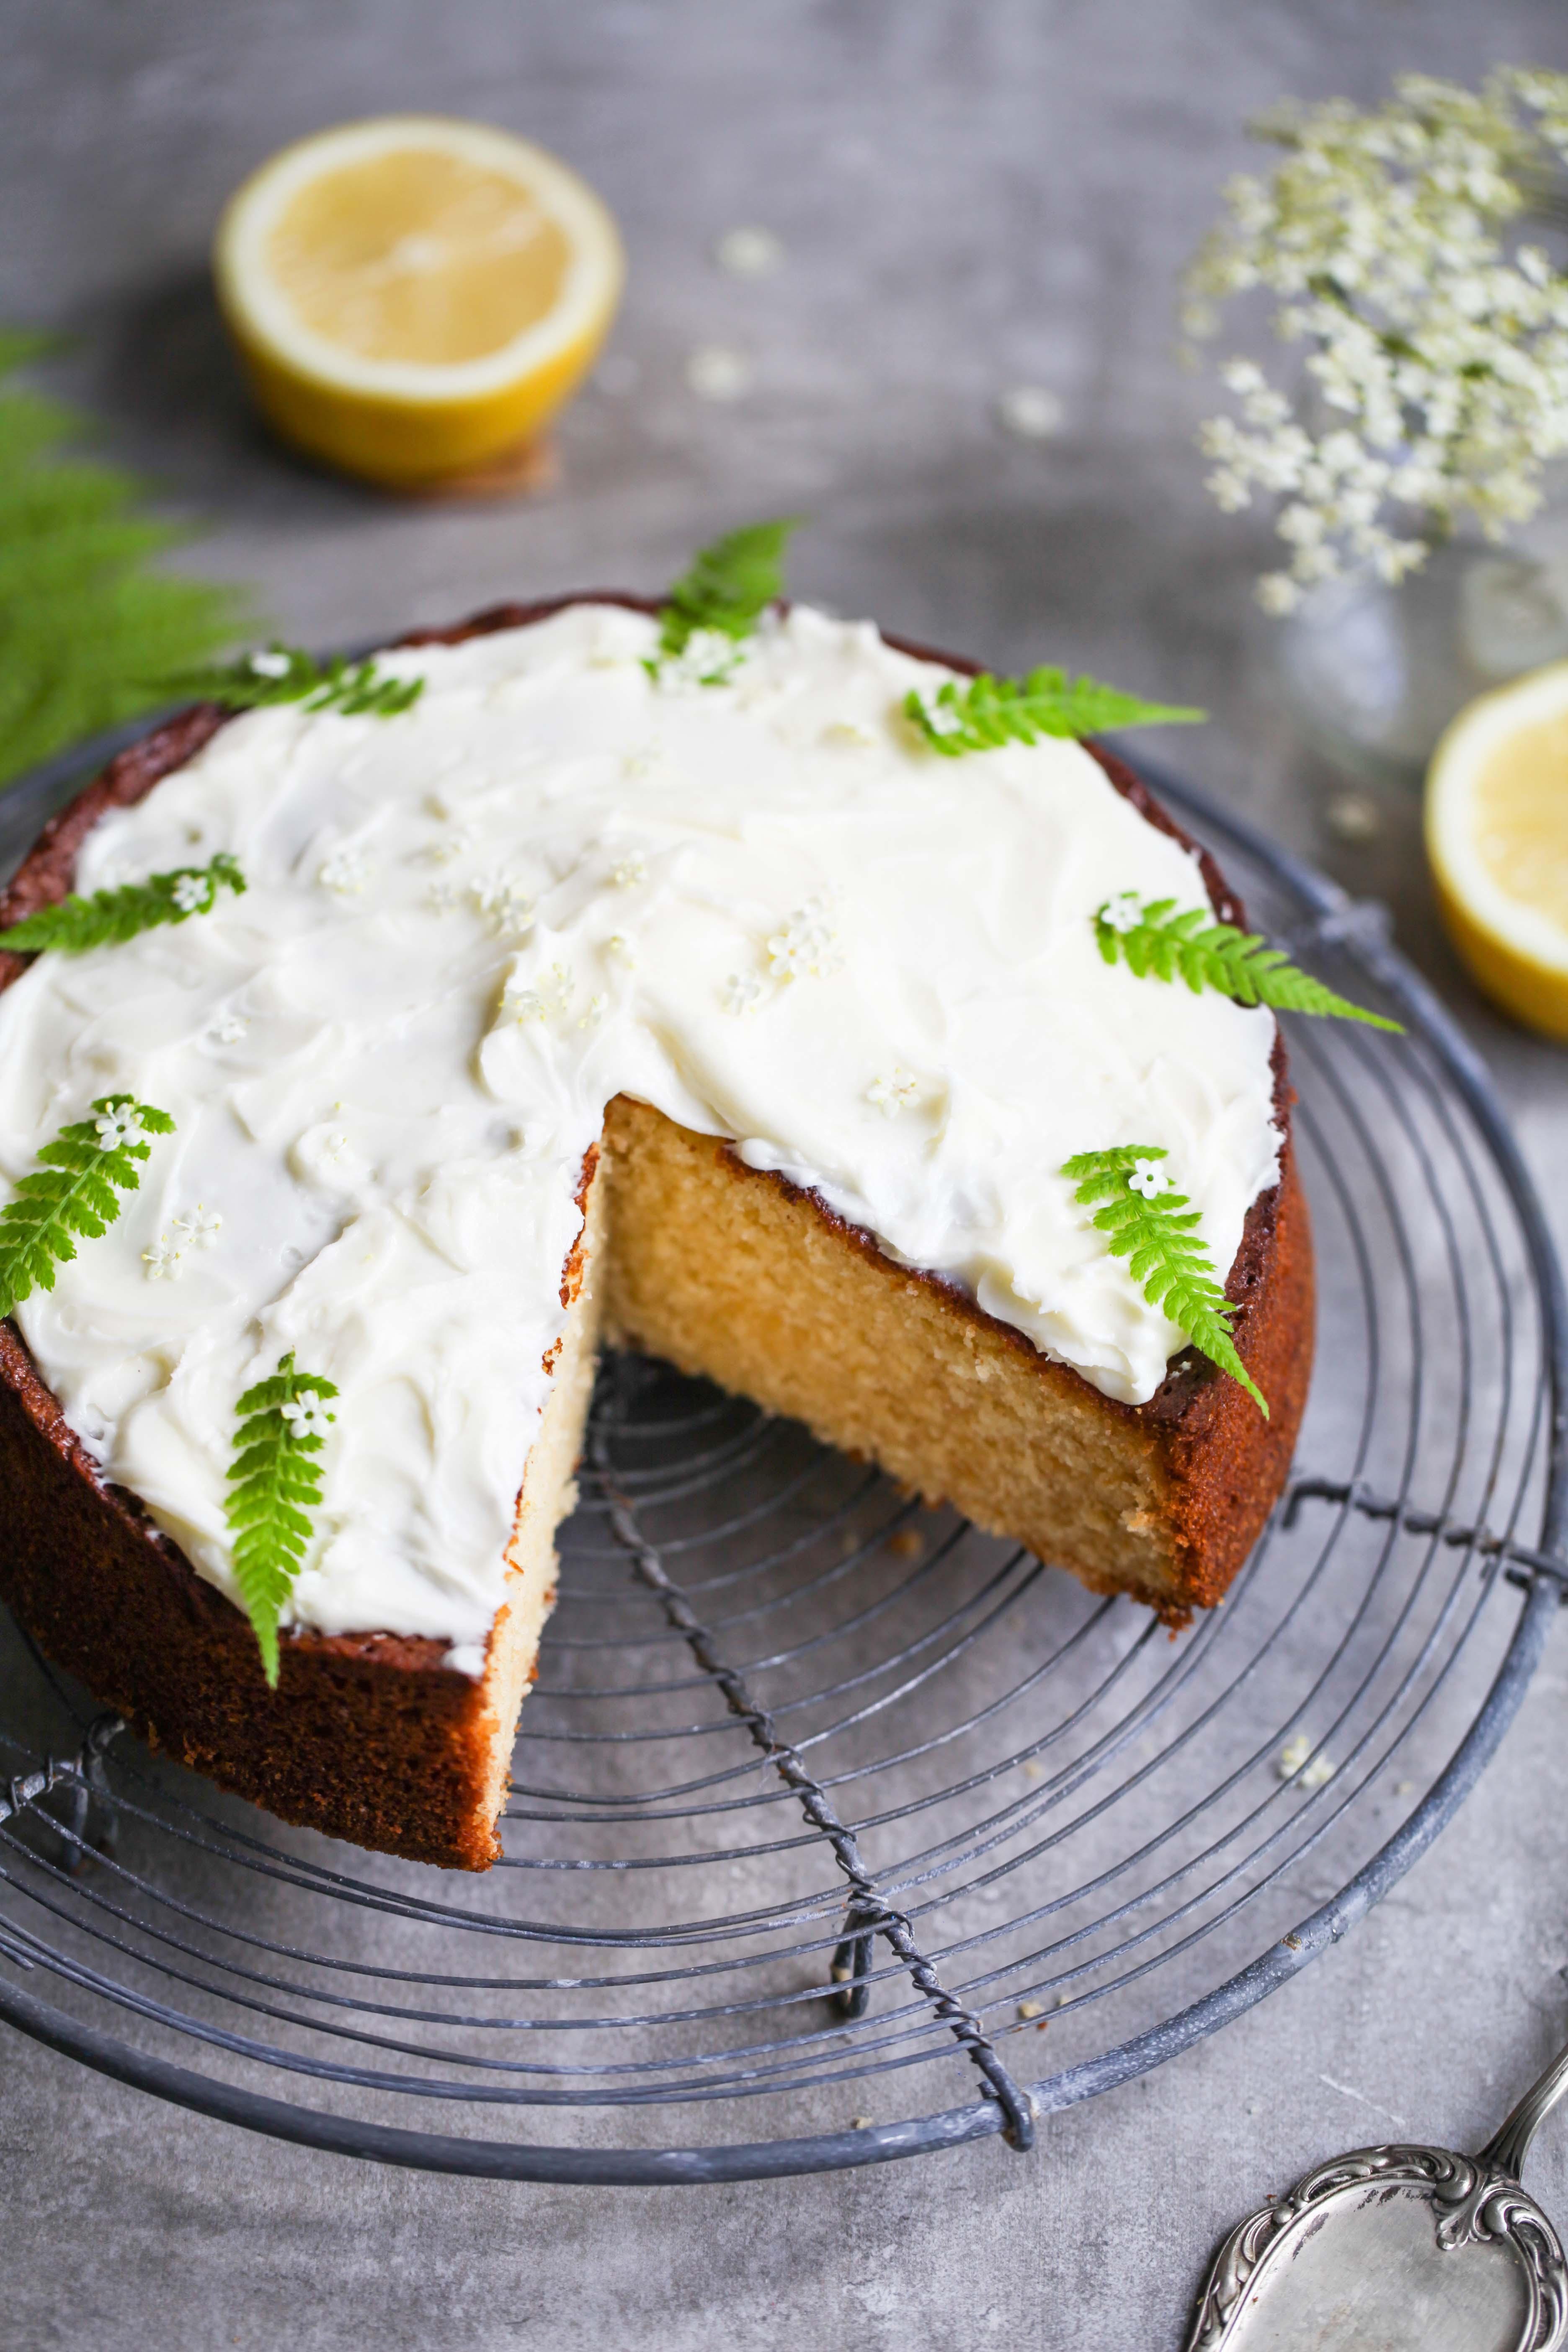 Rezept für Holunderkuchen Holunderblütensirup Backrezept Sommerkuchen Zitronenkuchen zuckerzimtundliebe einfach